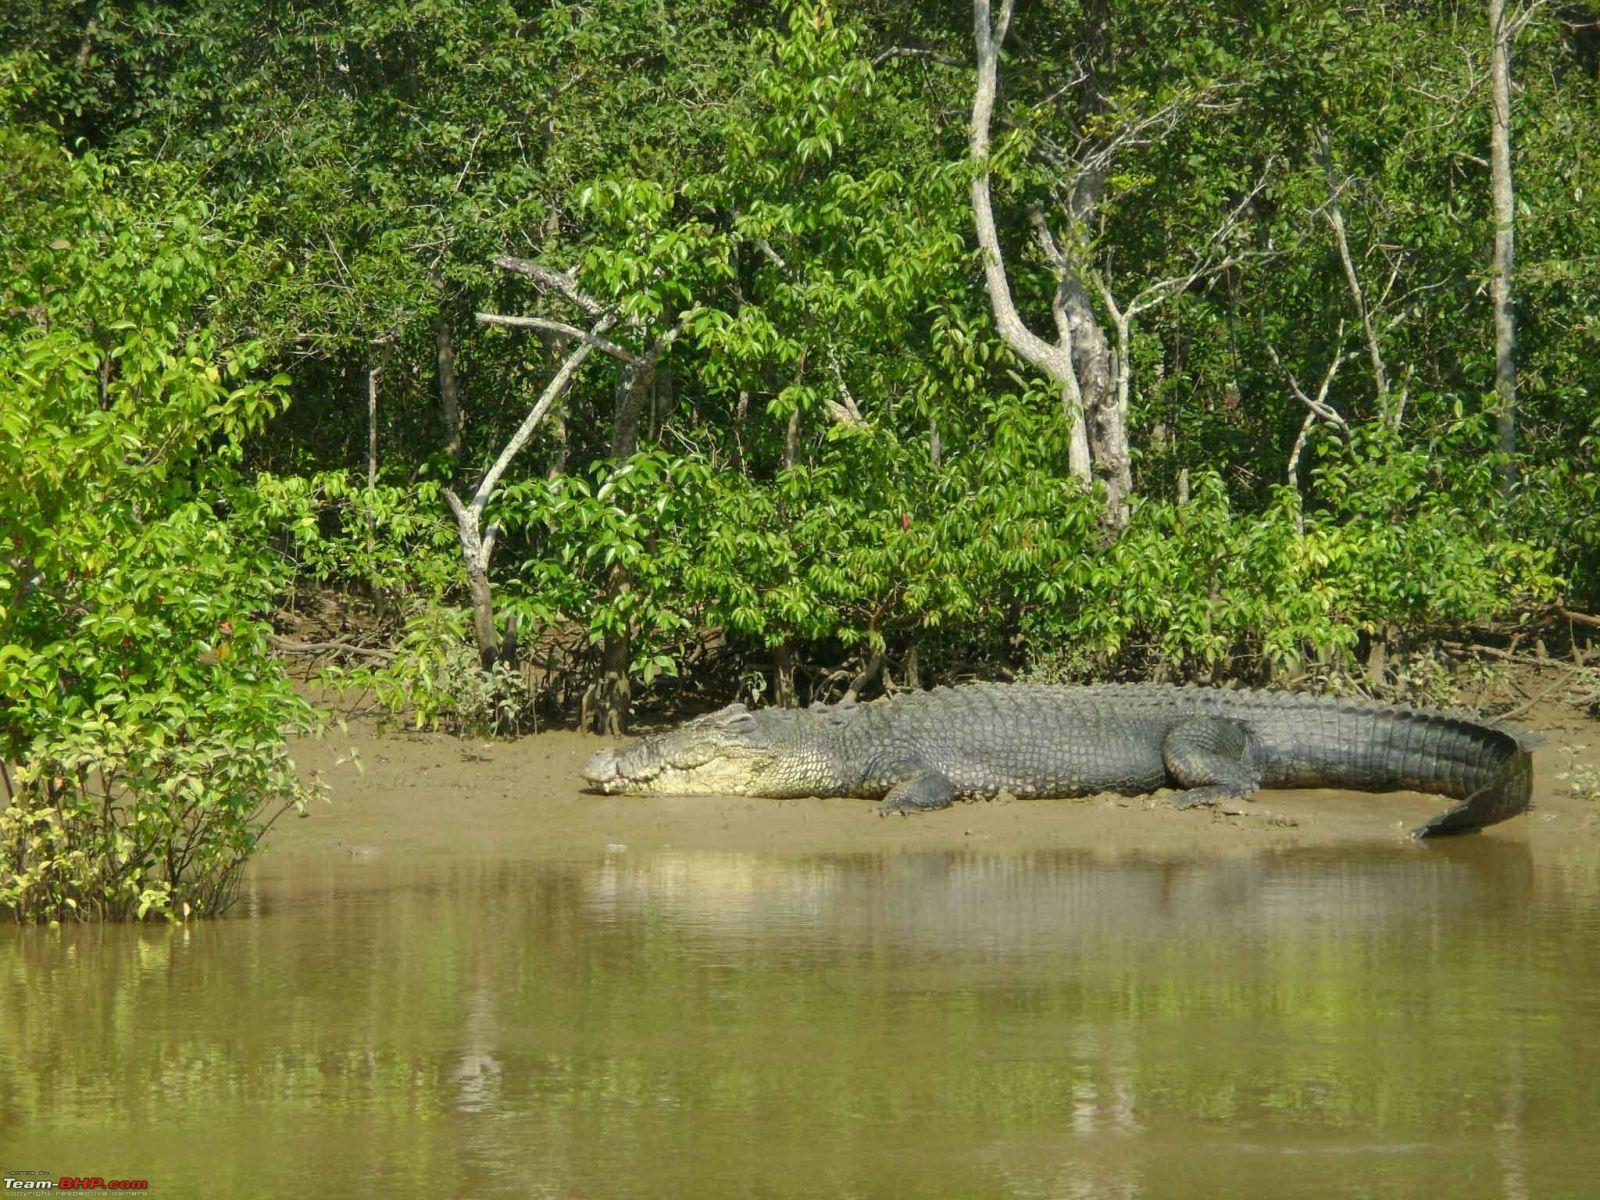 Crocodile at Bhitarkanika National Park